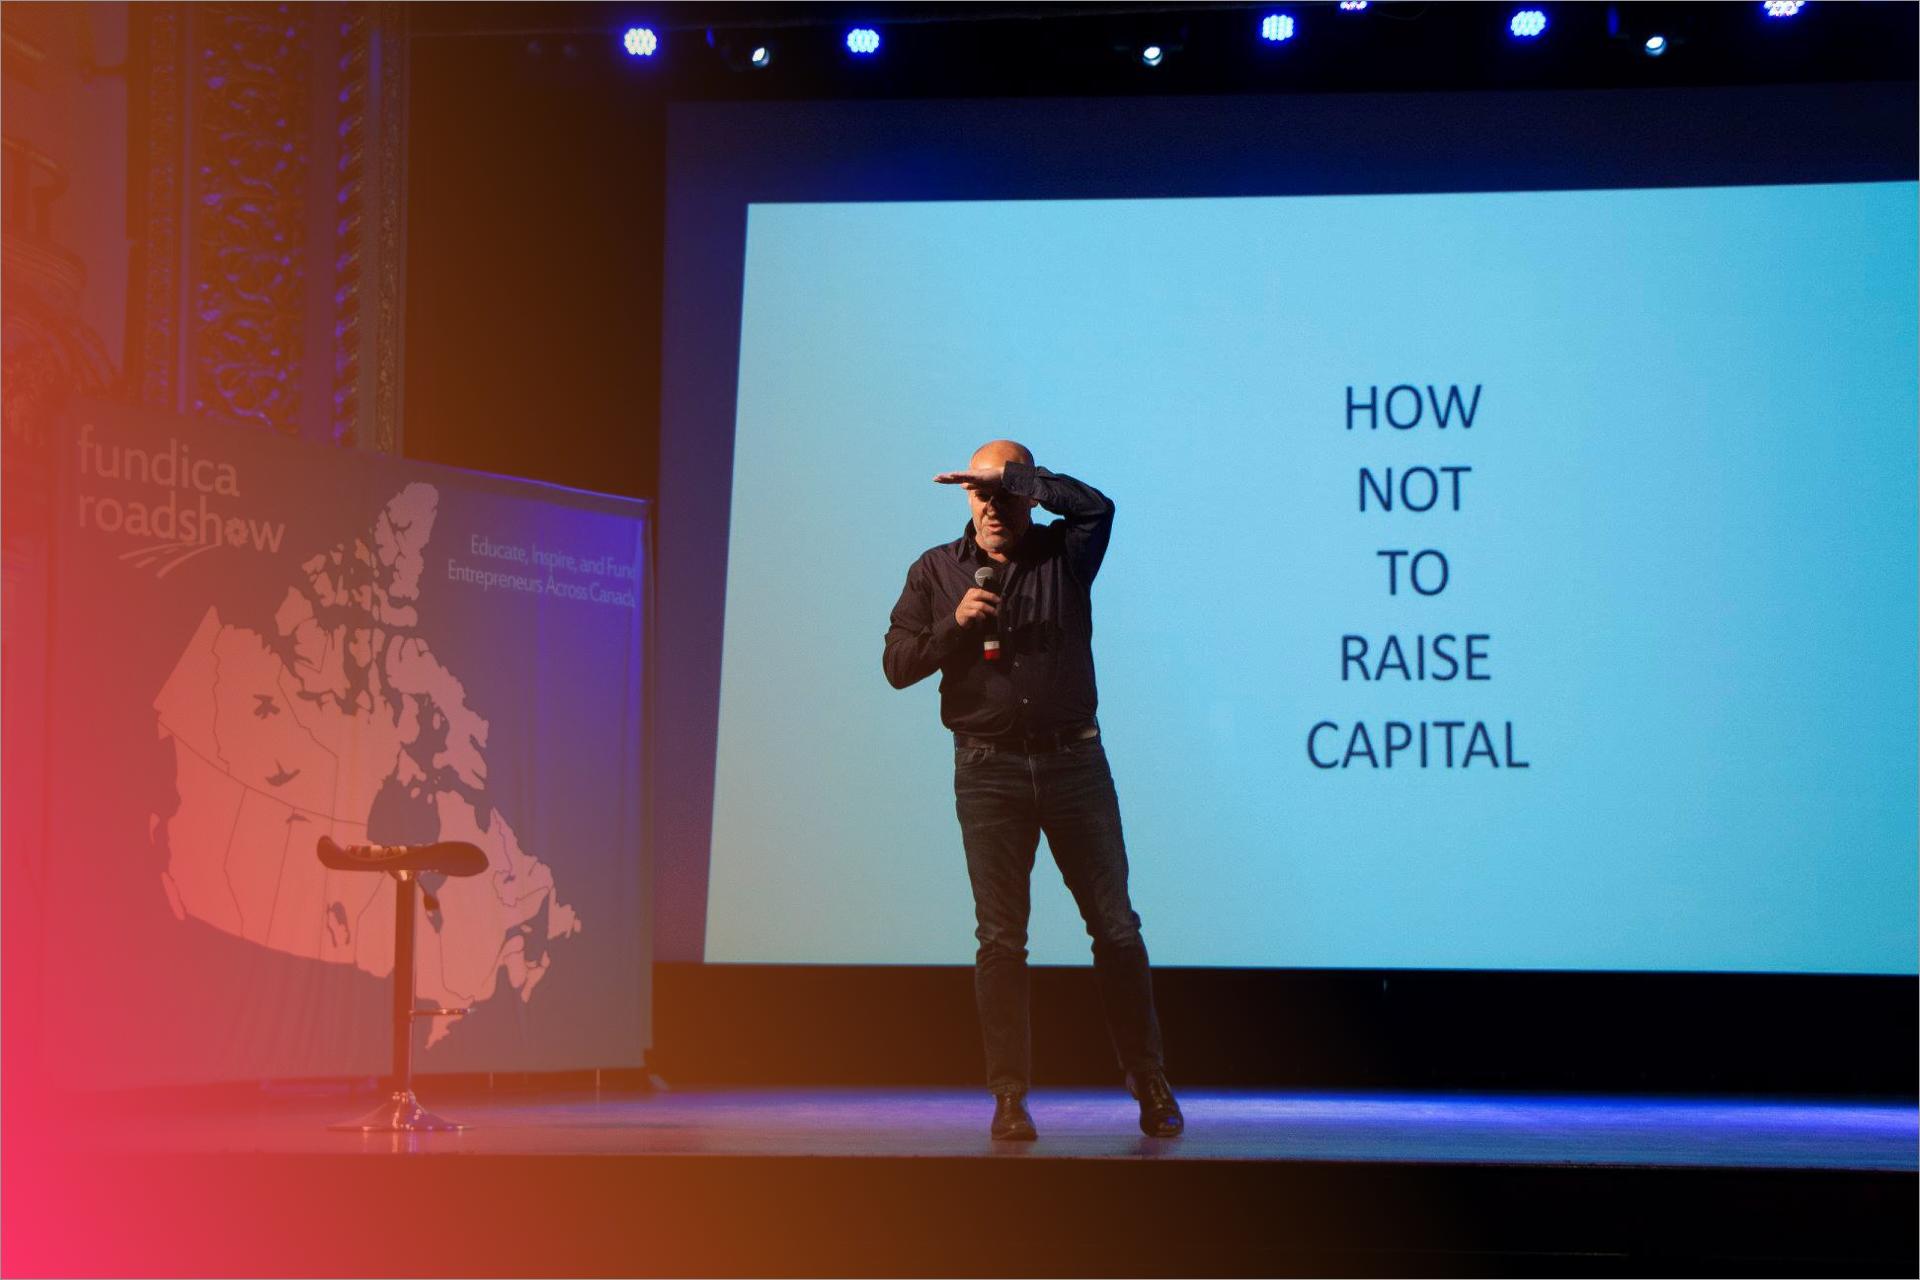 Apprenez des experts d'industrie - Des entrepreneurs et dirigeants d'entreprises d'expérience partagent leurs histoires sur la scène de la Tournée Fundica.Voir les keynotes passés ➝